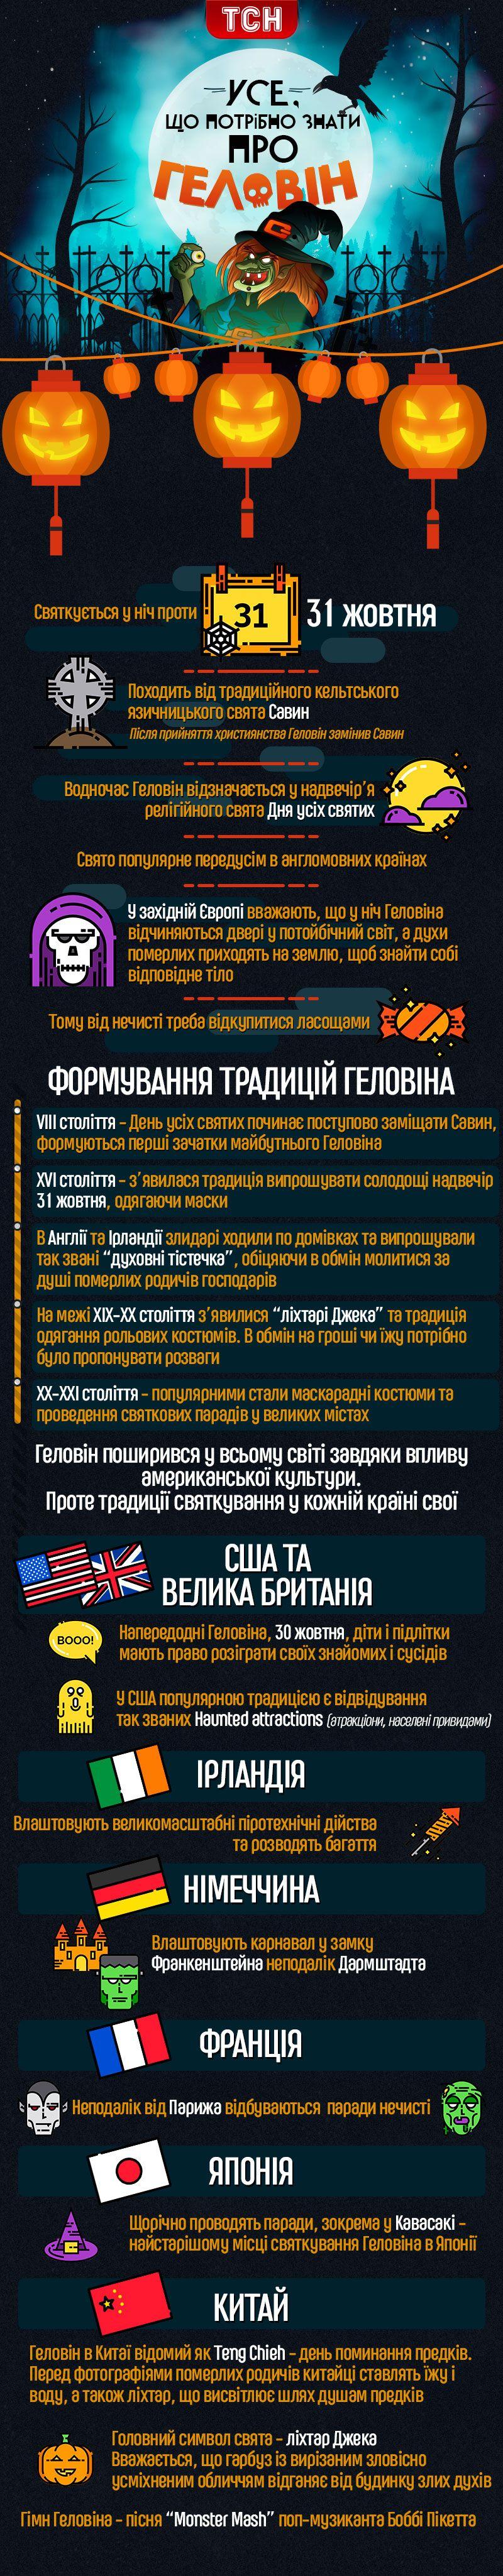 Геловін, інфографіка